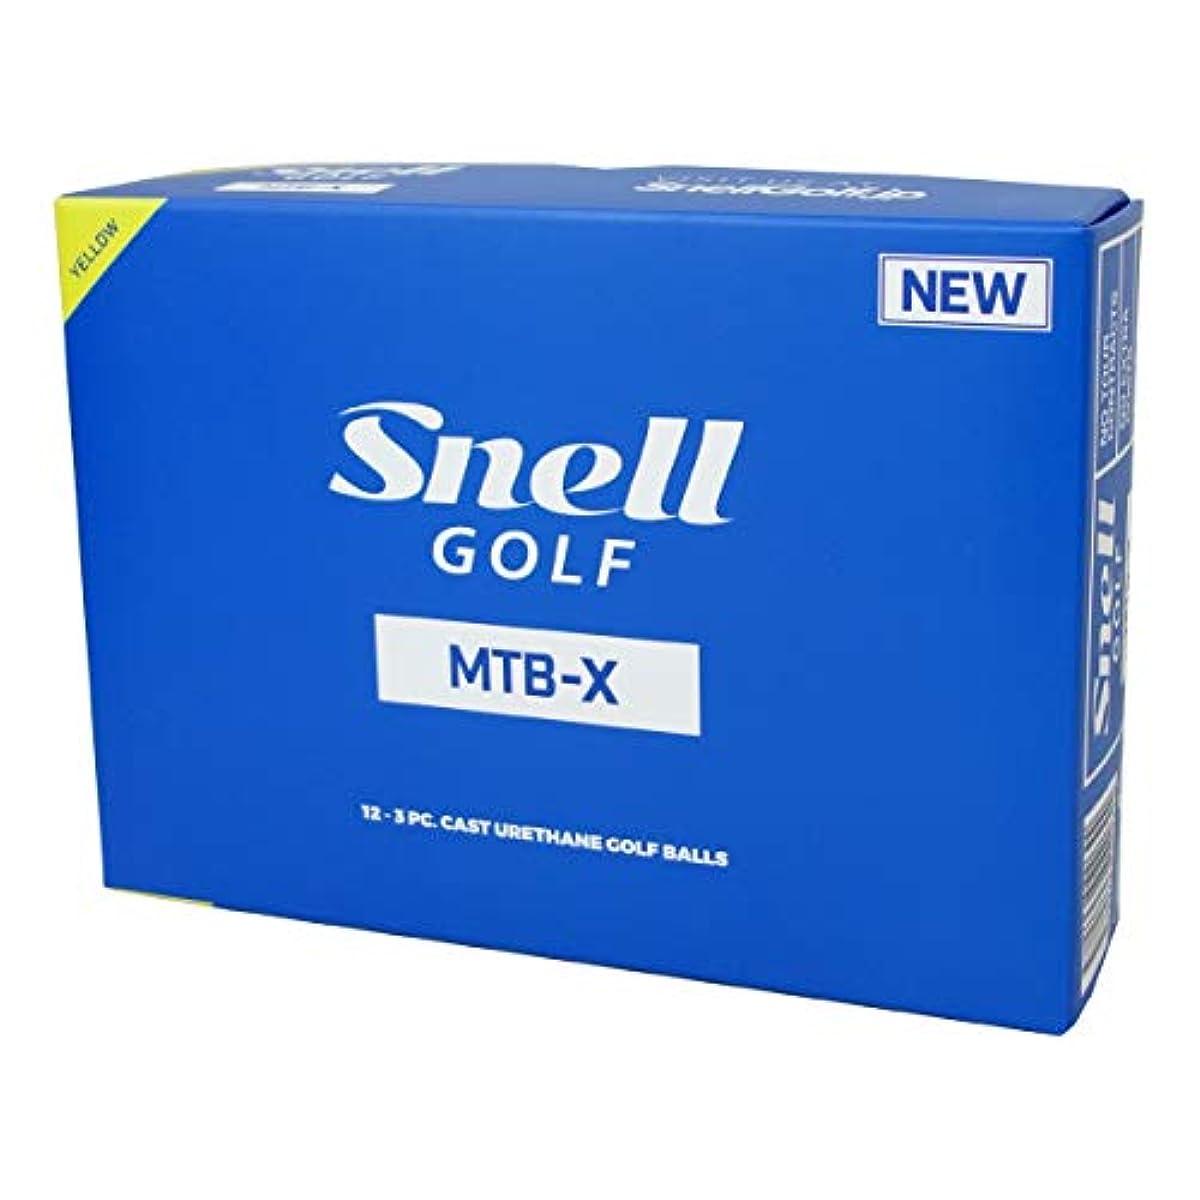 [해외] SNELL GOLF 스넬 골프공 MTB-X 12개입 옐로우